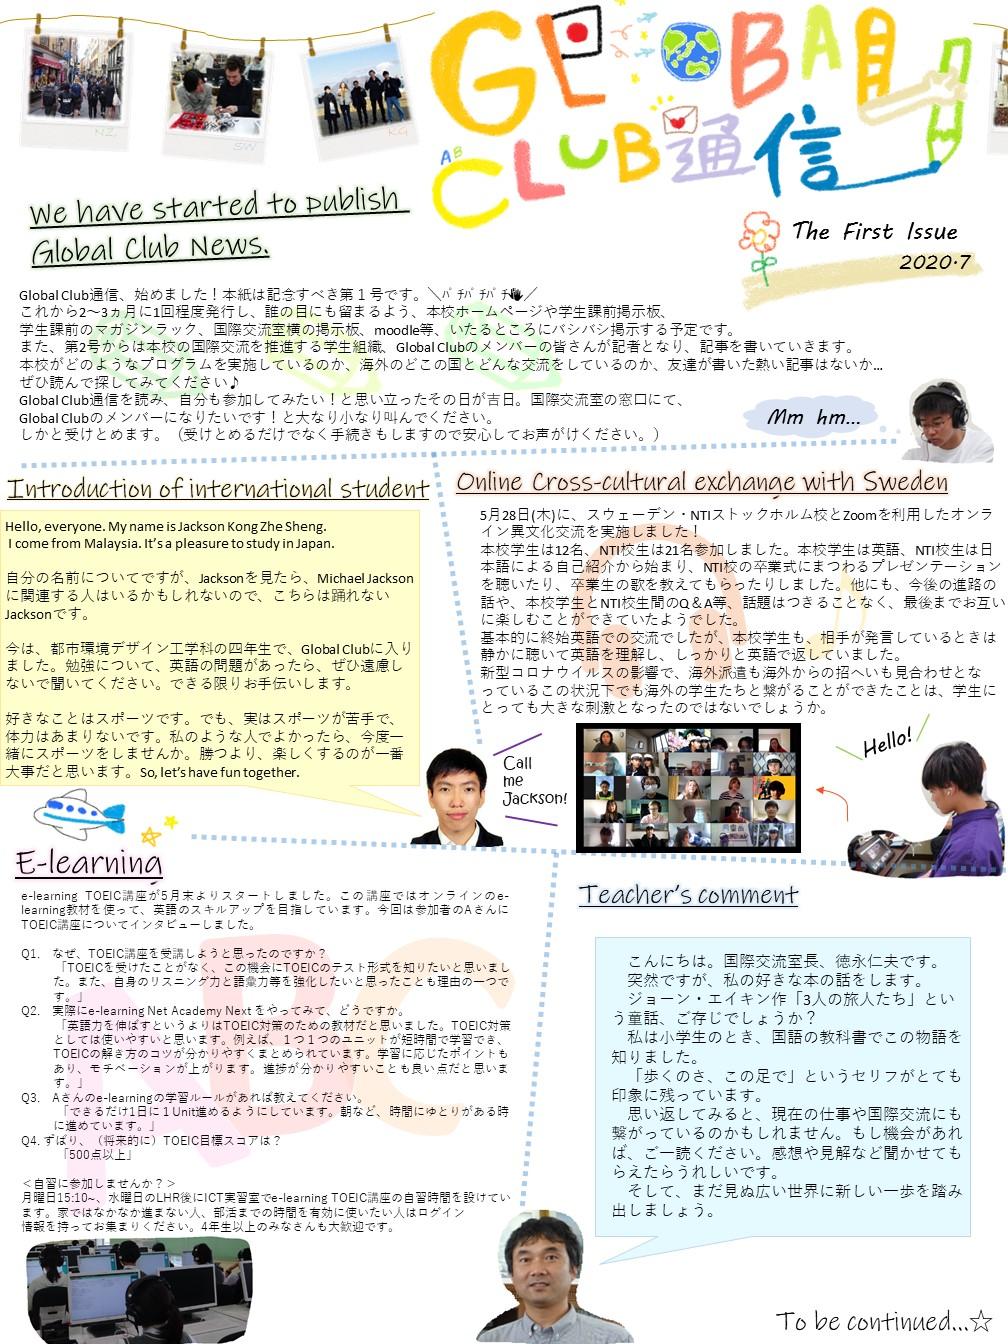 ★Global Club 通信(修正)